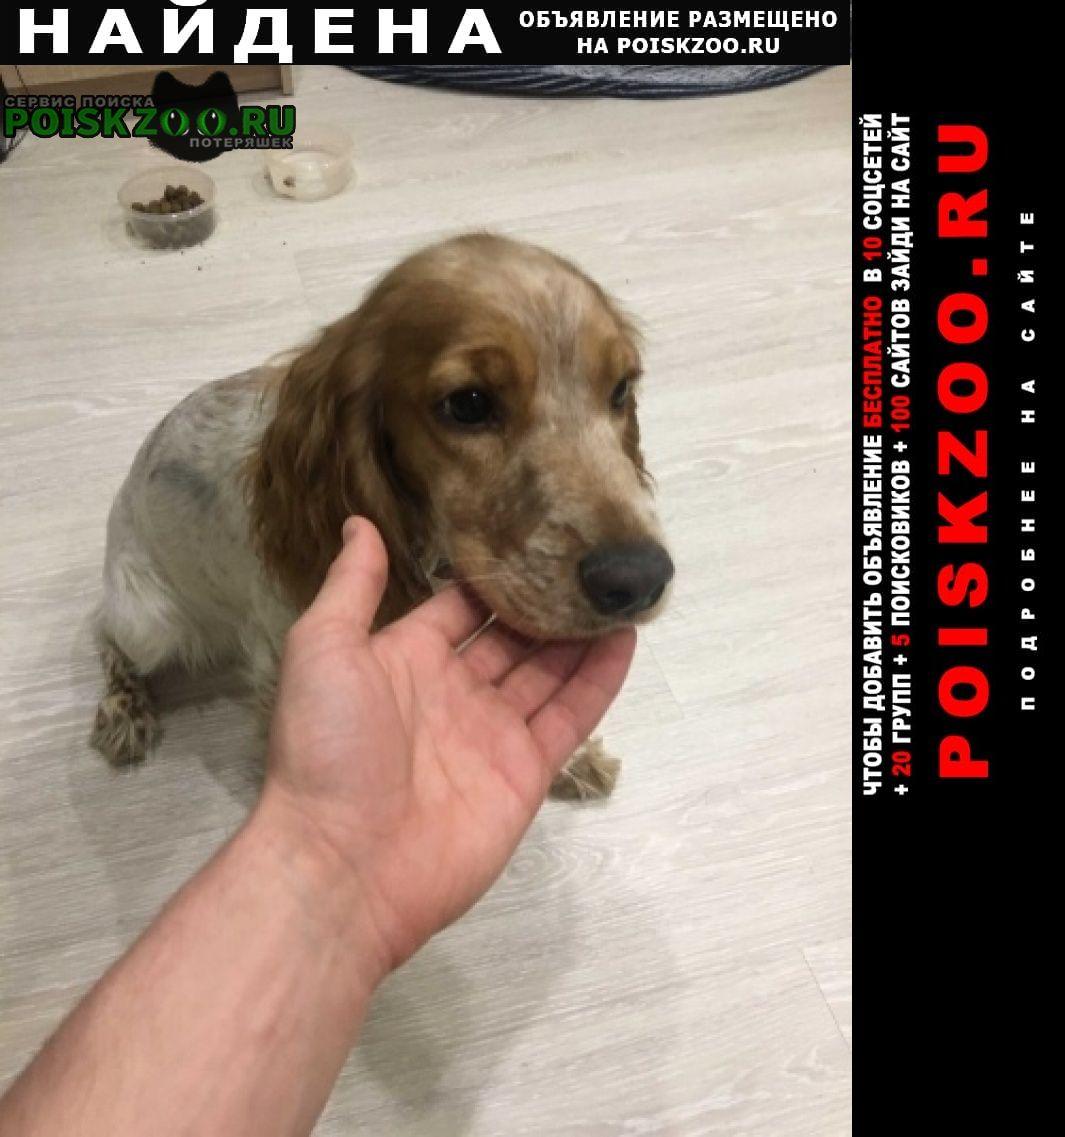 Найдена собака спаниель г.Ивантеевка (Московская обл.)